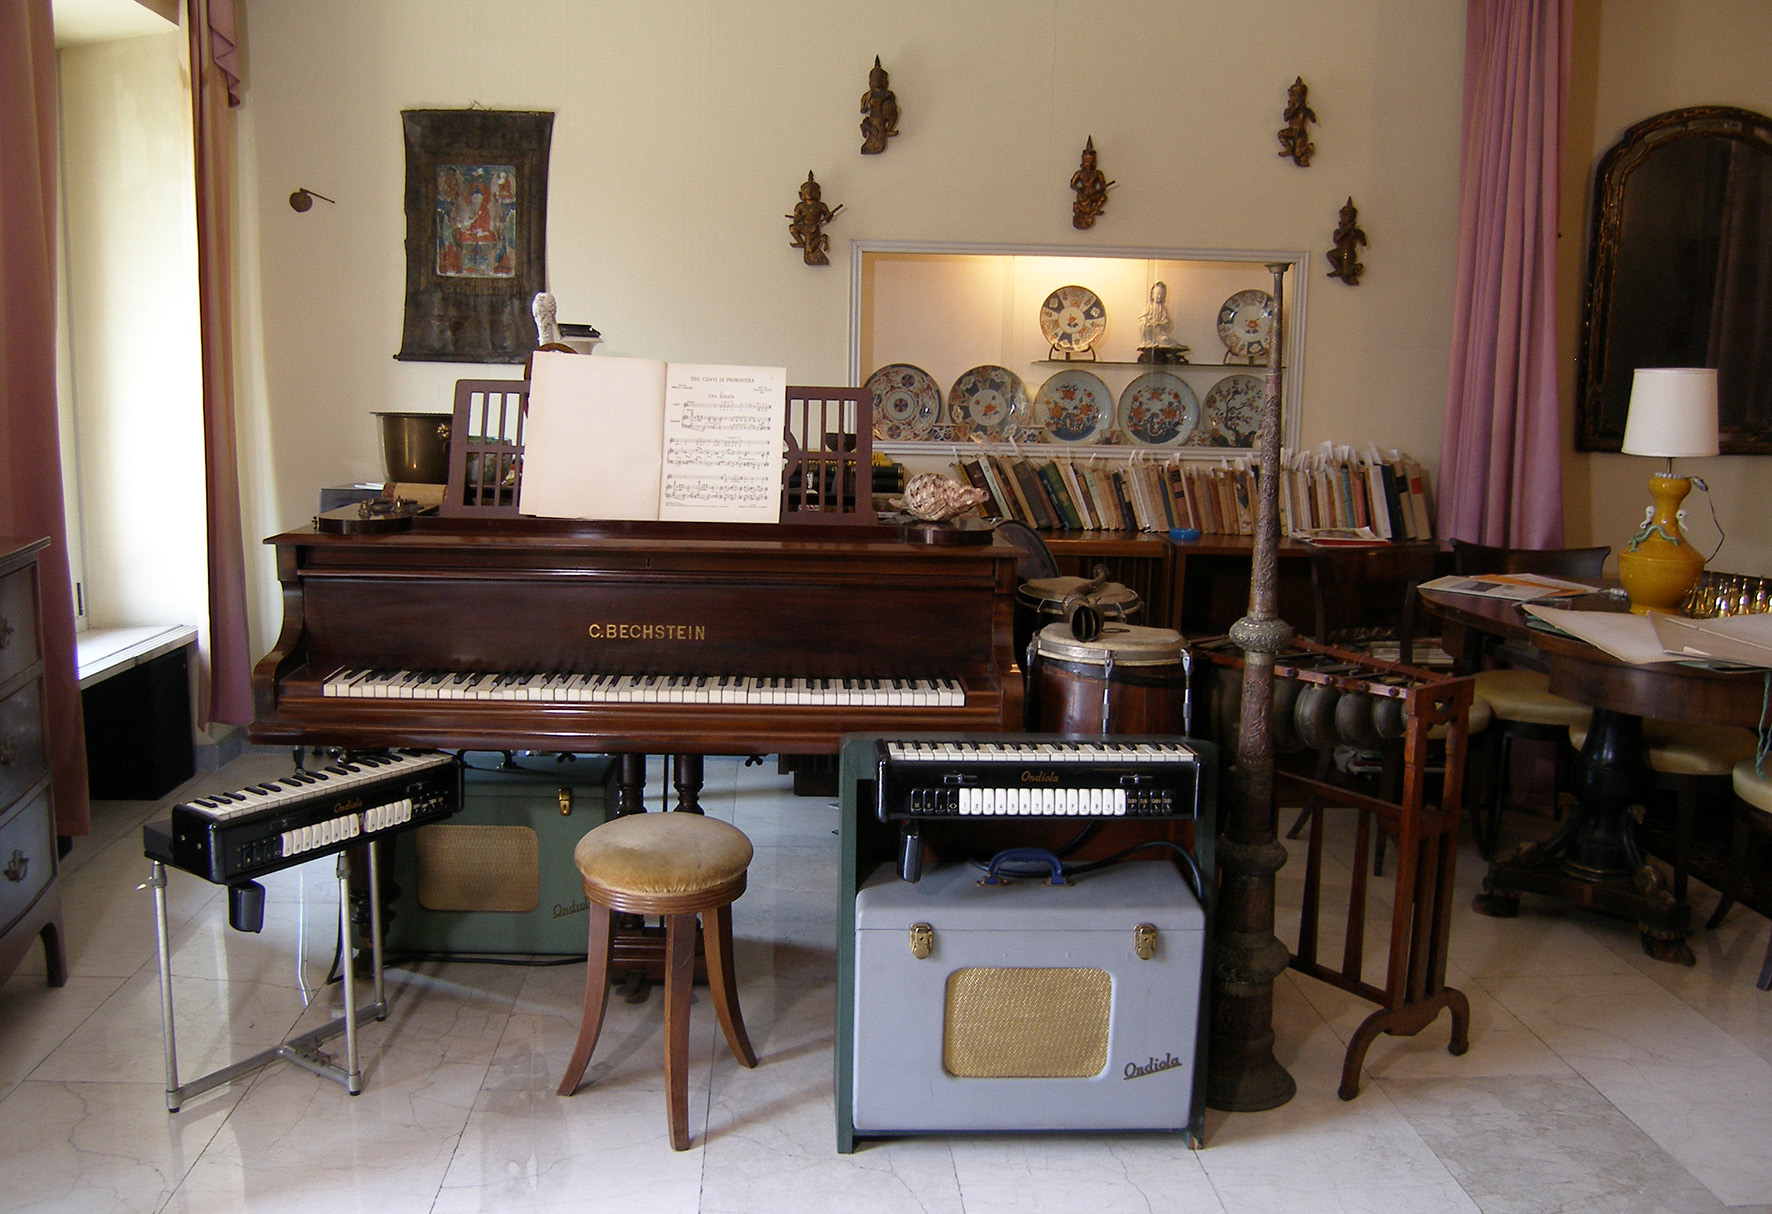 Il Museo Casa Scelsi di Roma: la musica come punto d'incontro tra Oriente e Occidente – Riccardo Rosati